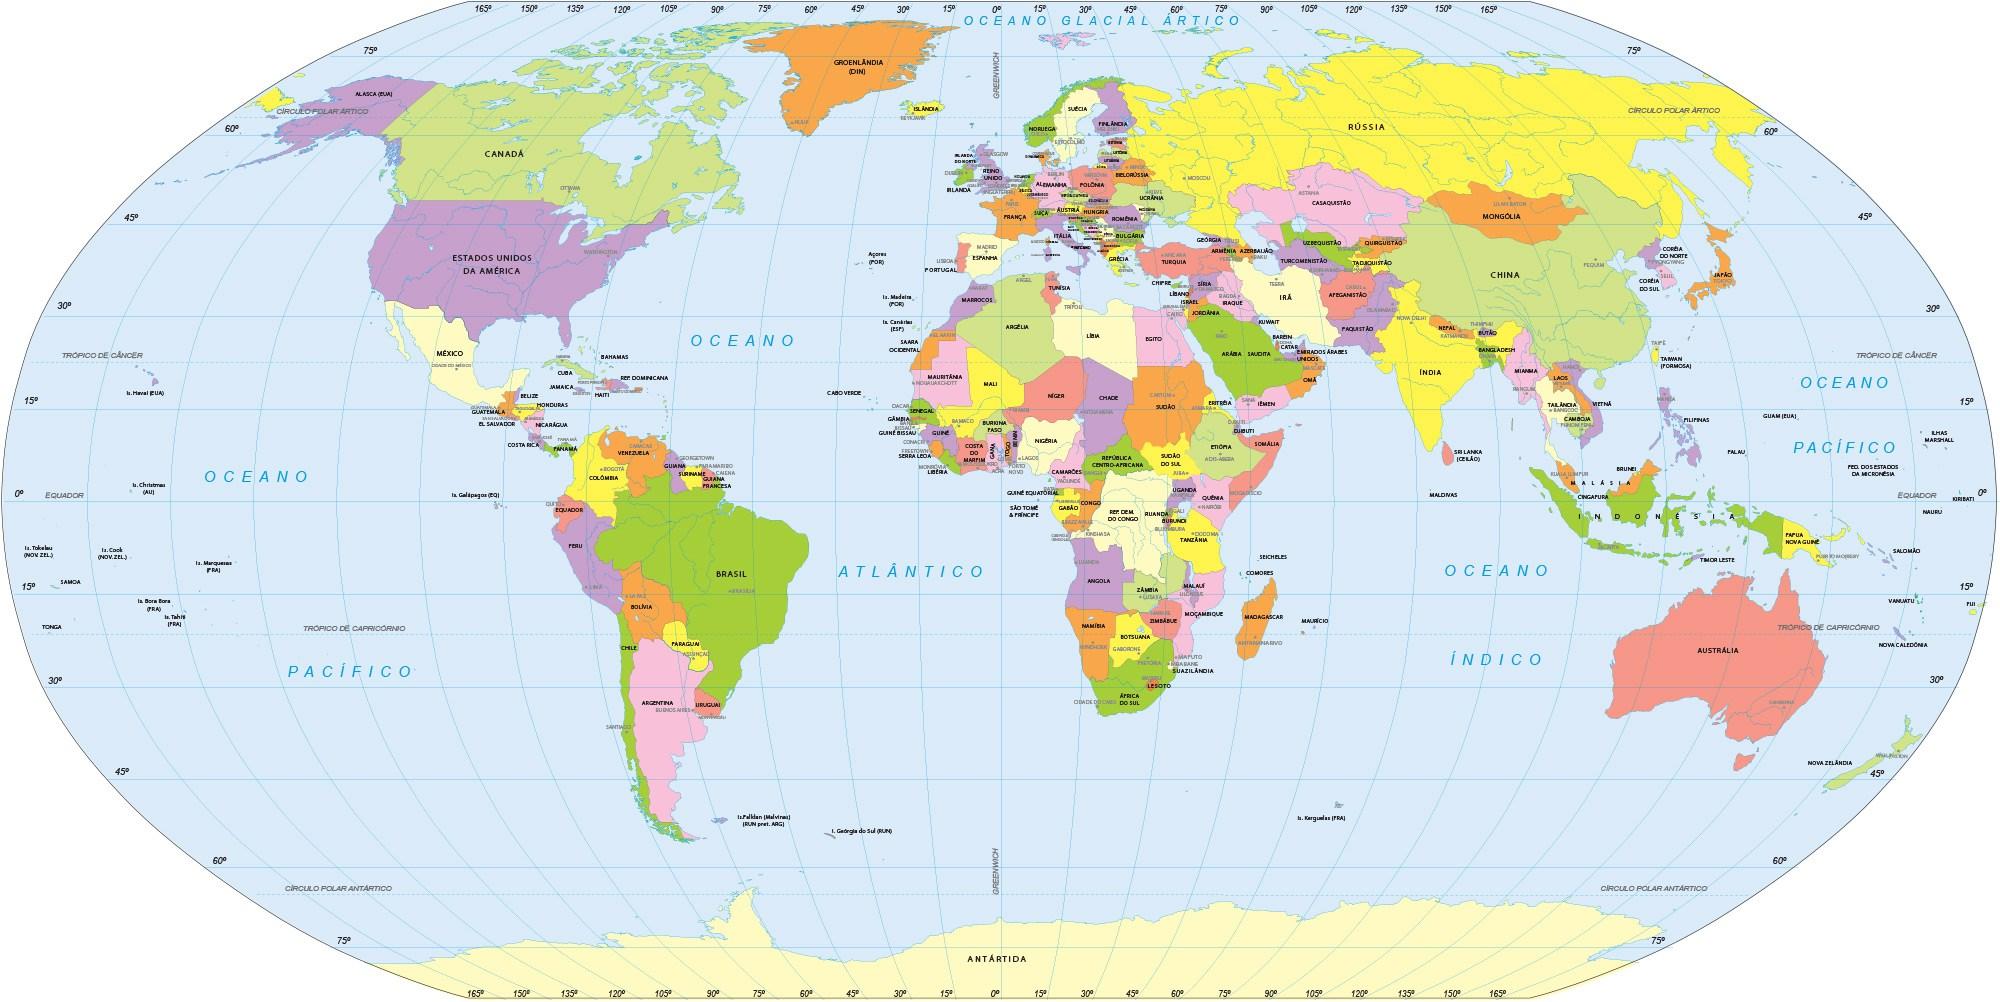 61c814a8b Mapa Mundi, curiosidades, representações, Imagem do Mapa Mundi